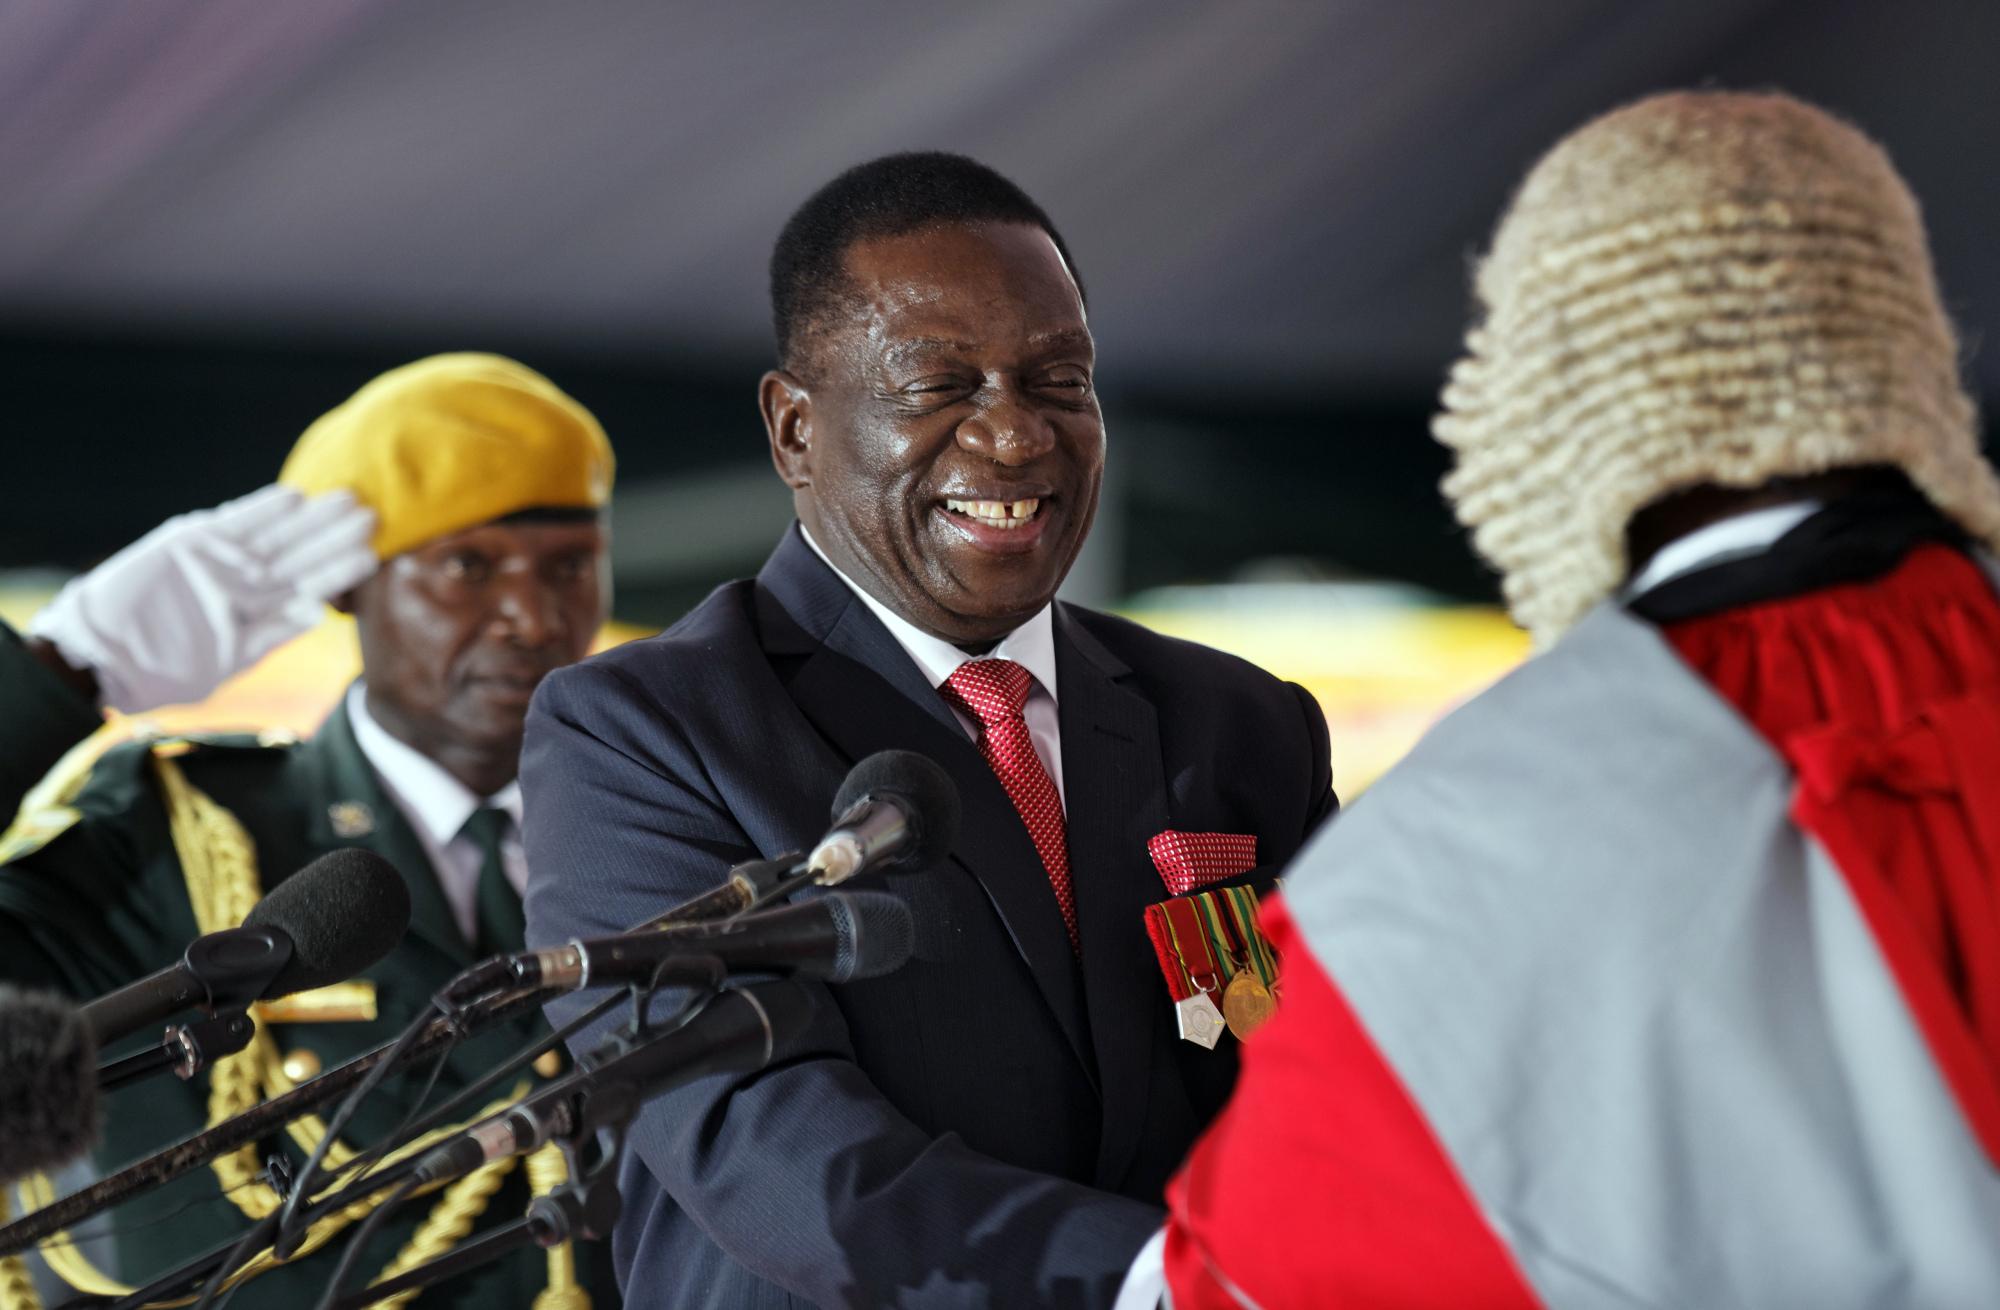 f-zimbab-a-20171125.jpg